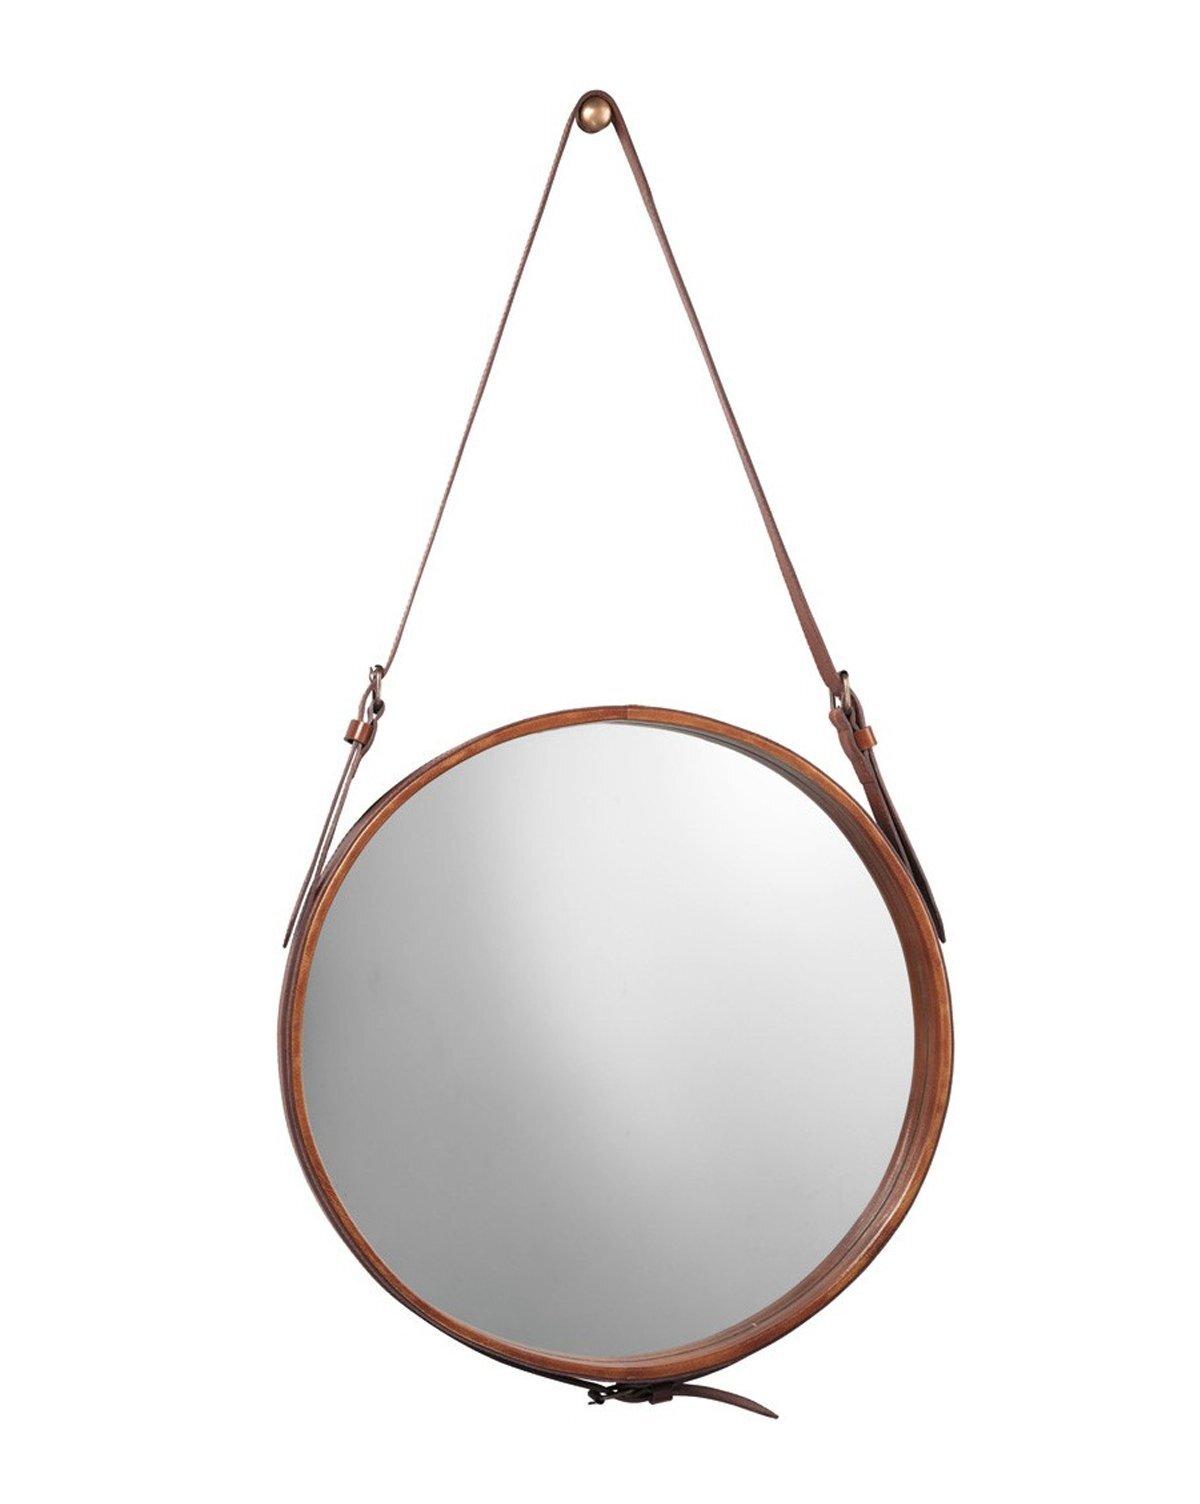 Oakley Leather Mirror $575